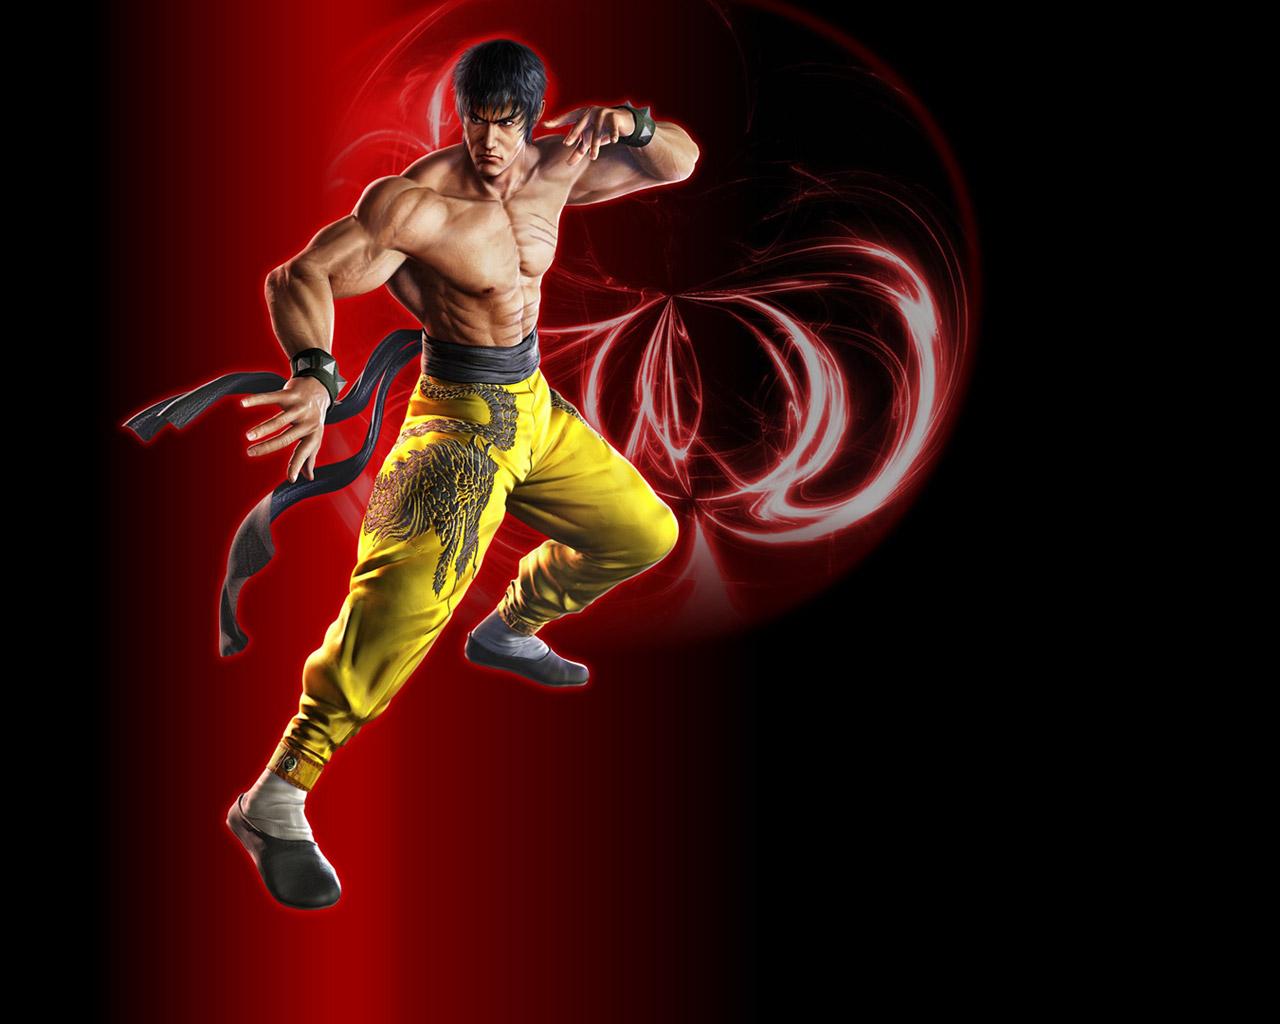 Free Tekken 7 Wallpaper in 1280x1024